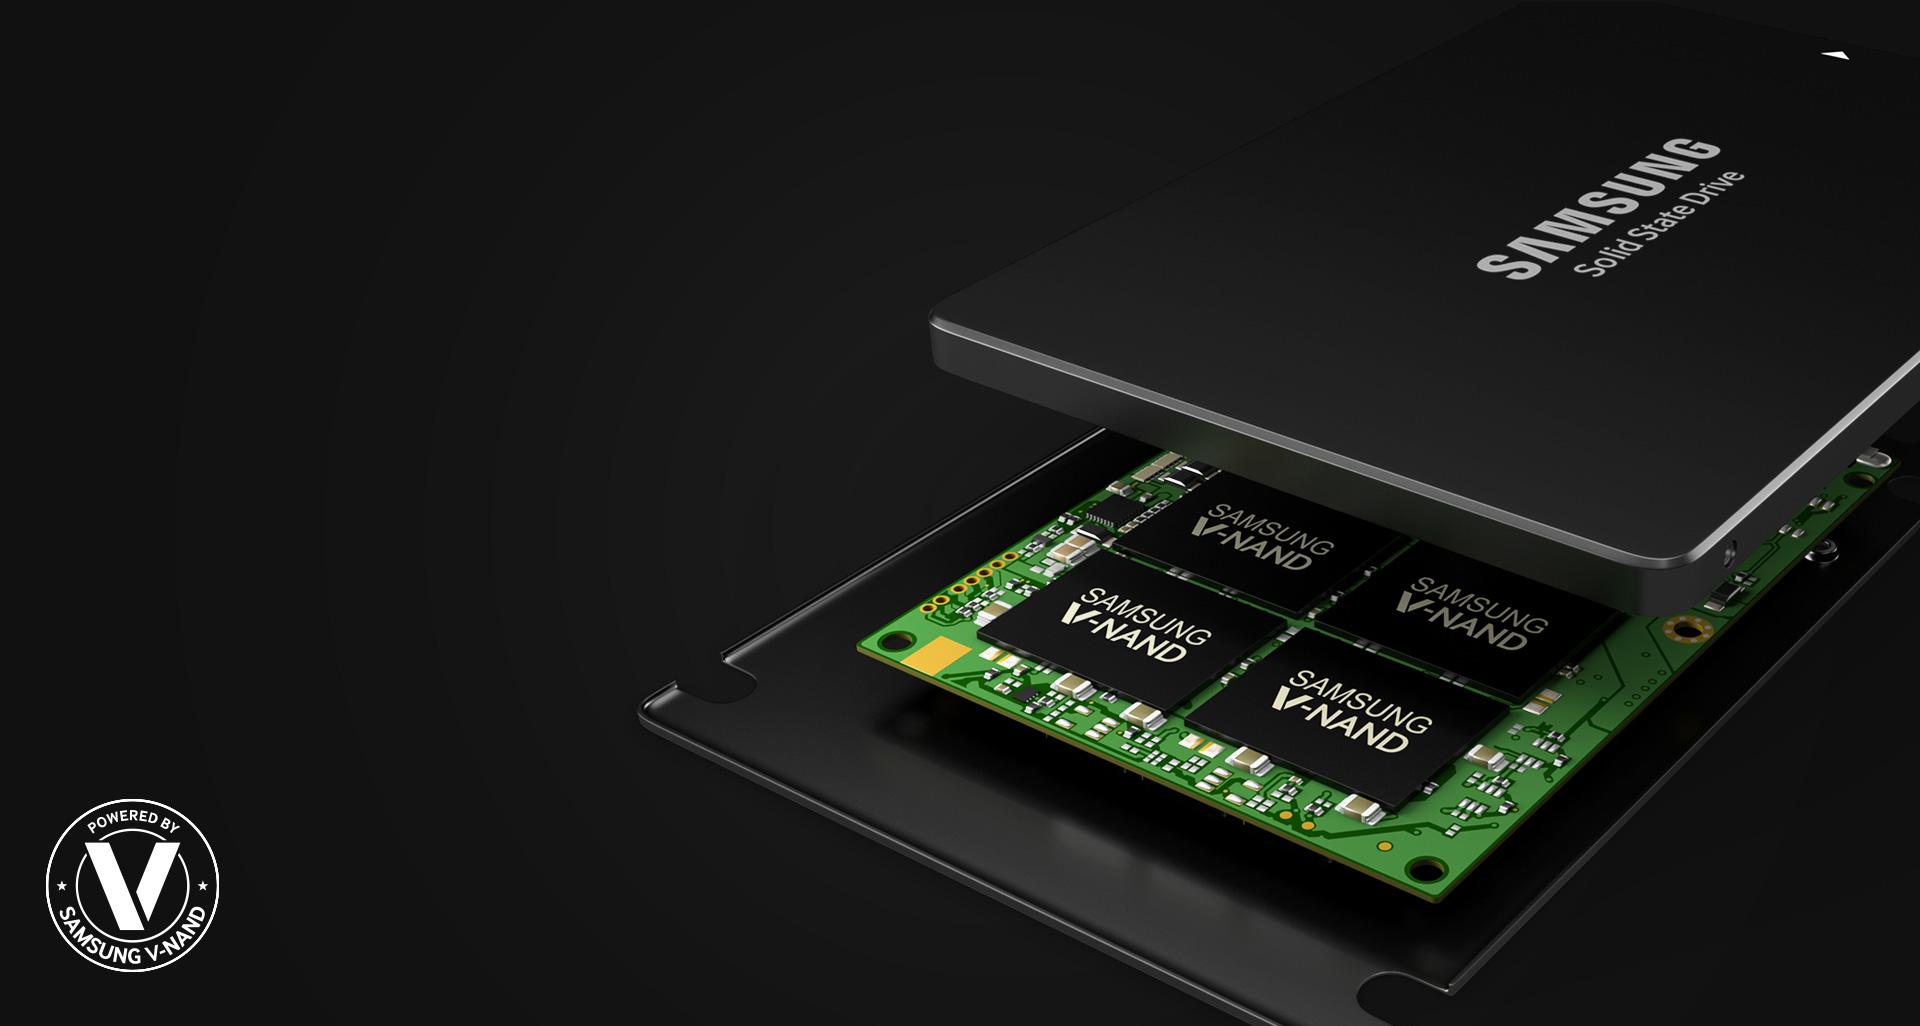 Samsung SSD SM863a 120GB